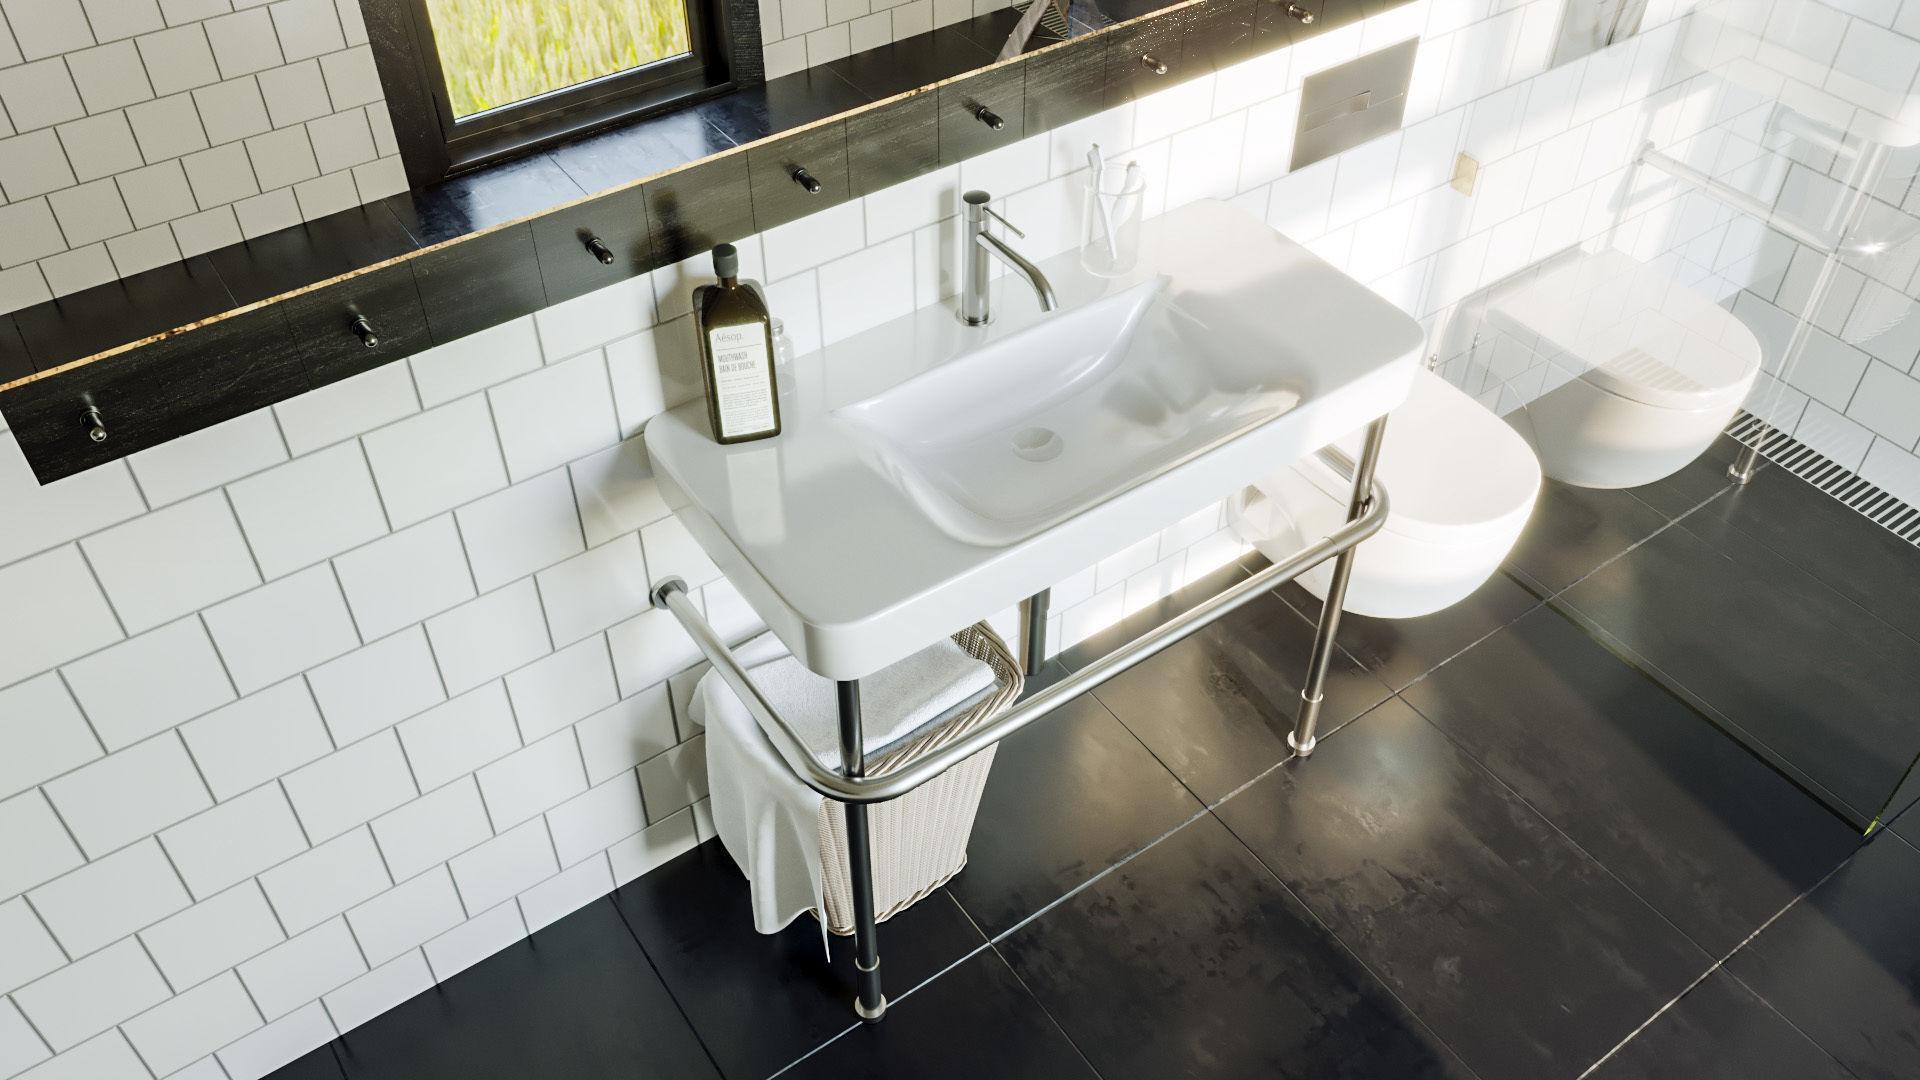 ... bathroom scene for cinema 4d and corona renderer 3d model c4d 2